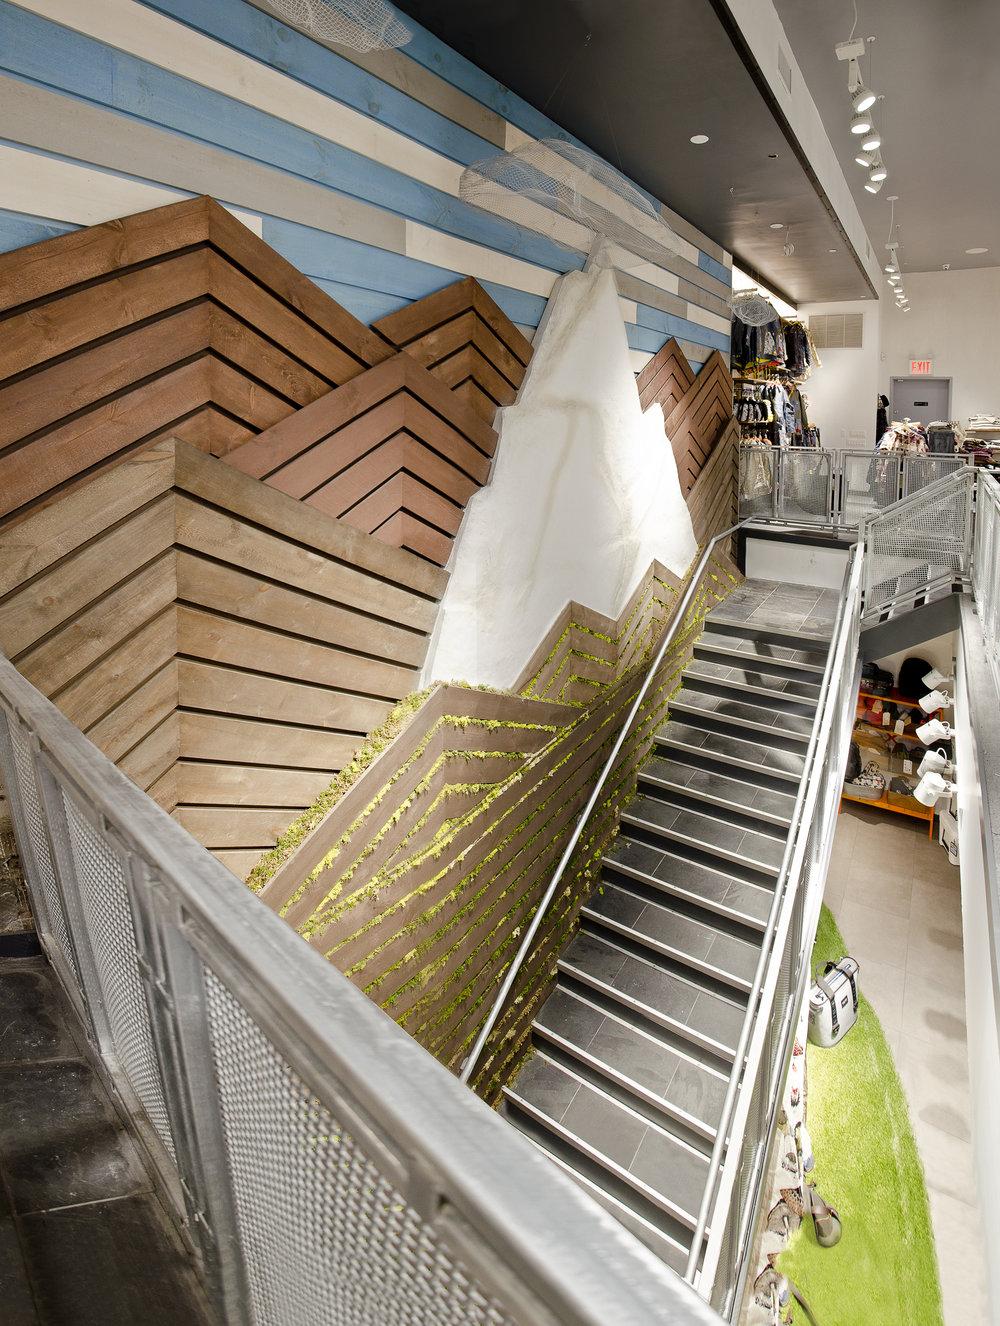 Burton Snowboards II. Tobin Parnes Design. NY. Retail Design. Stair.